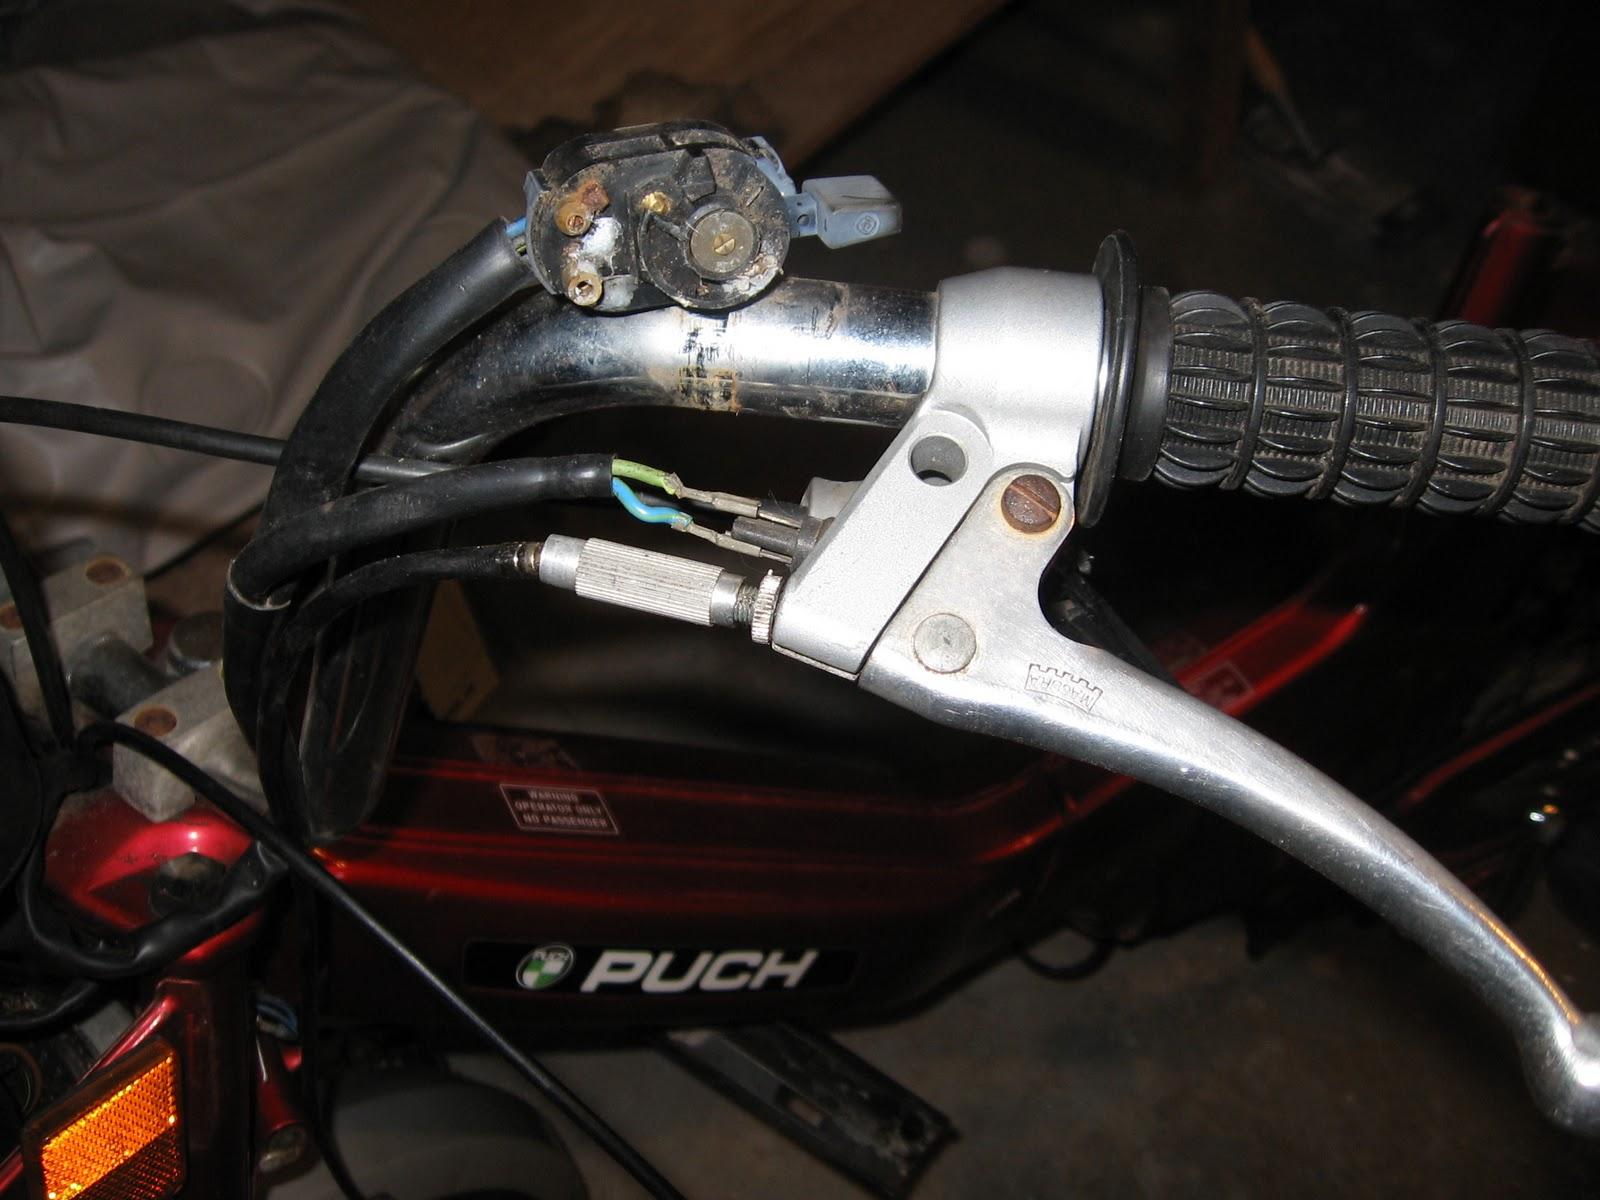 Puch Maxi N Wiring Diagram 1980 15 Hp Re Build 2010rh